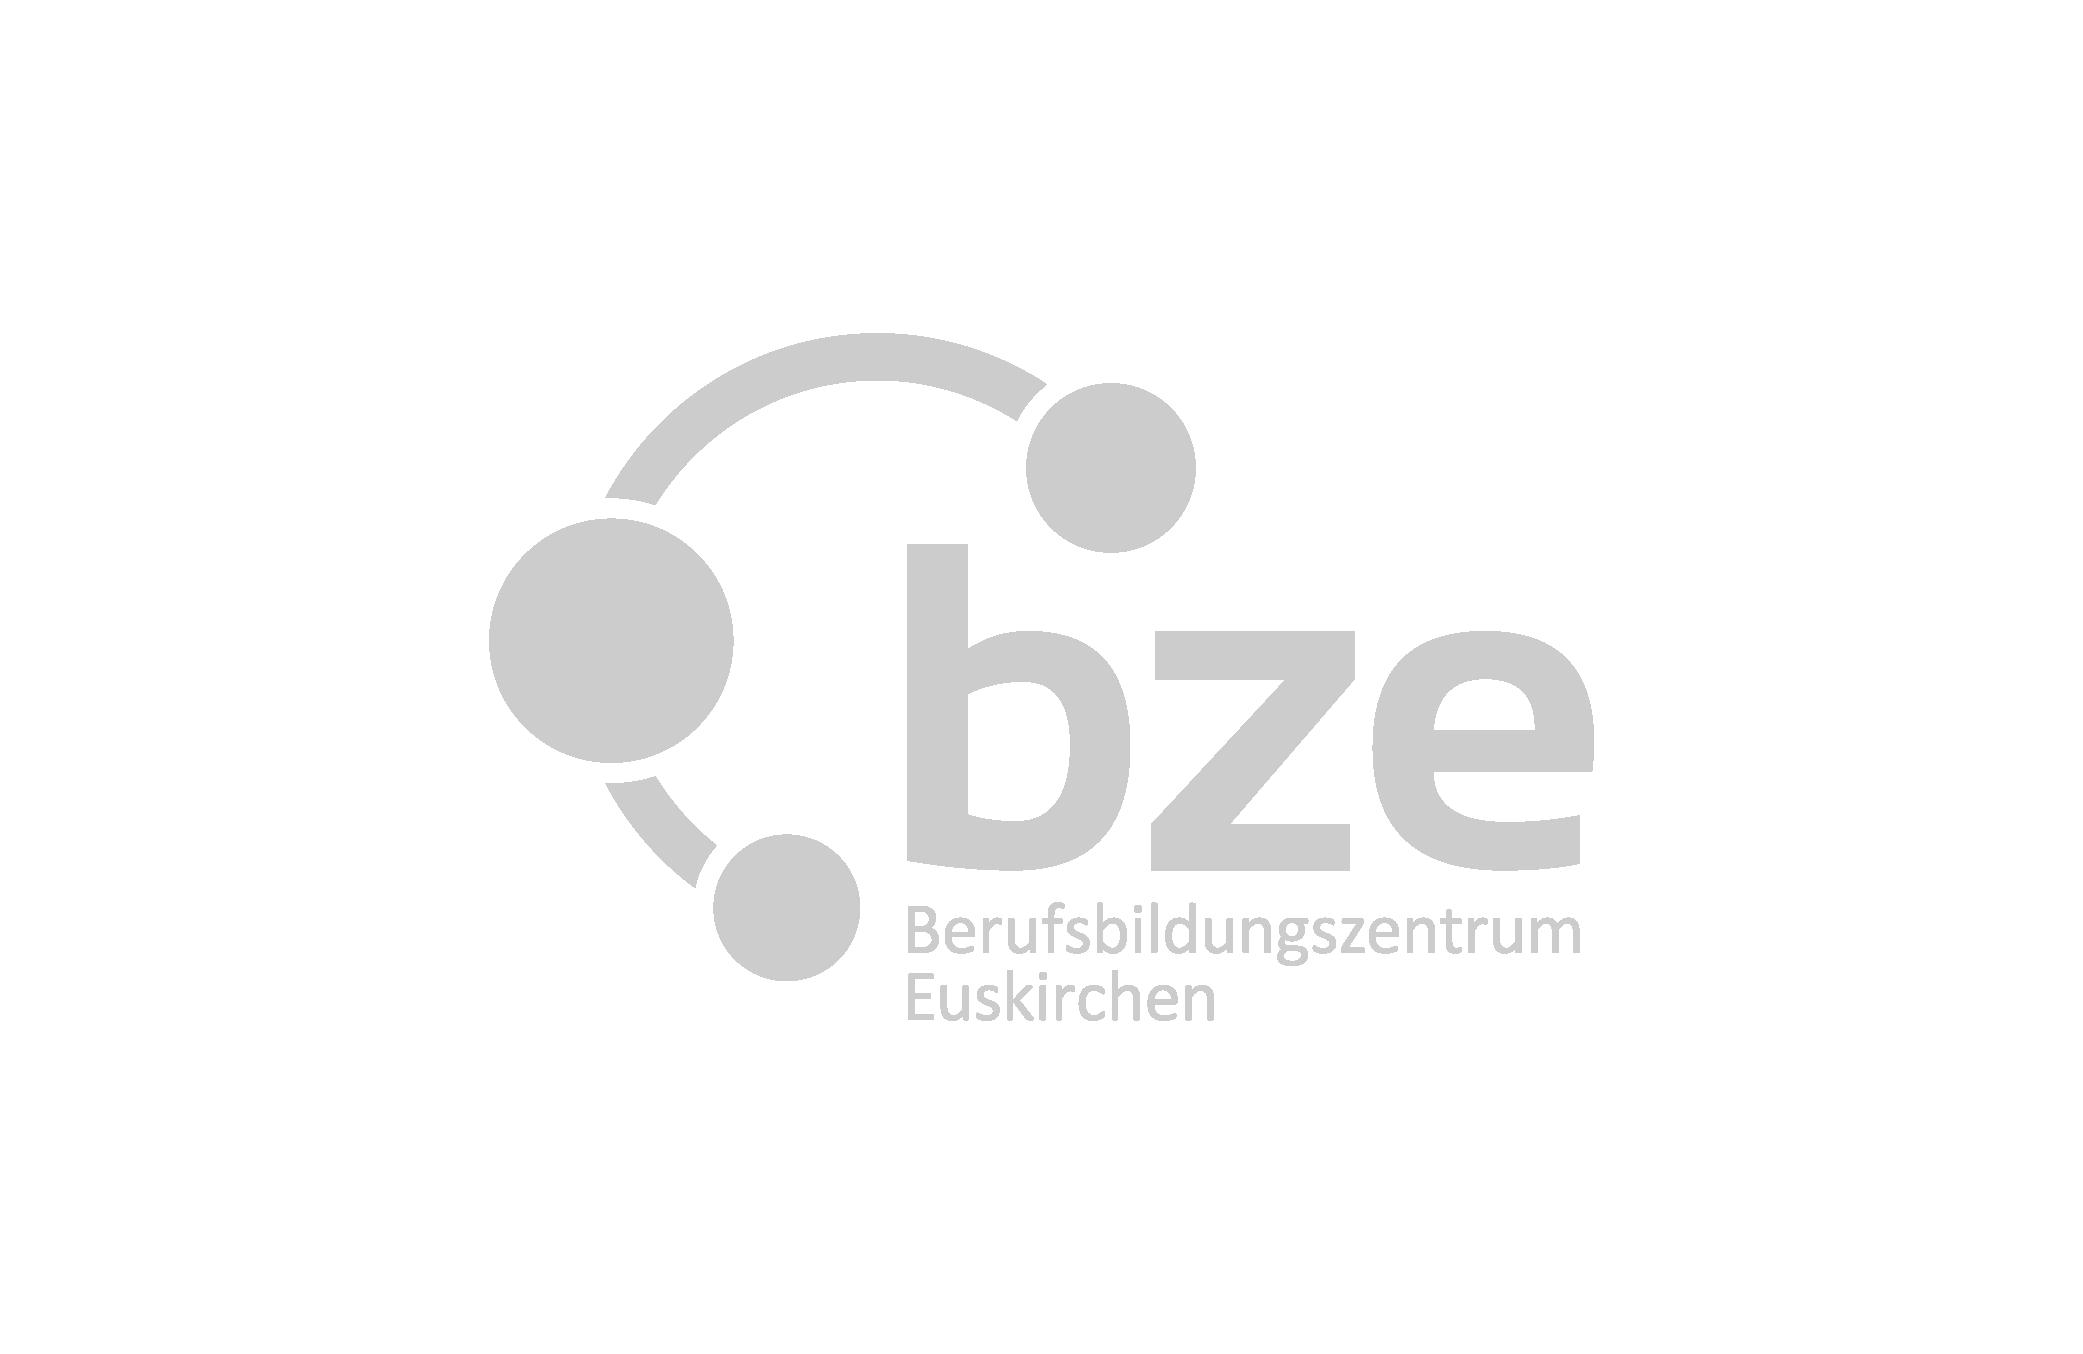 BZE Euskirchen